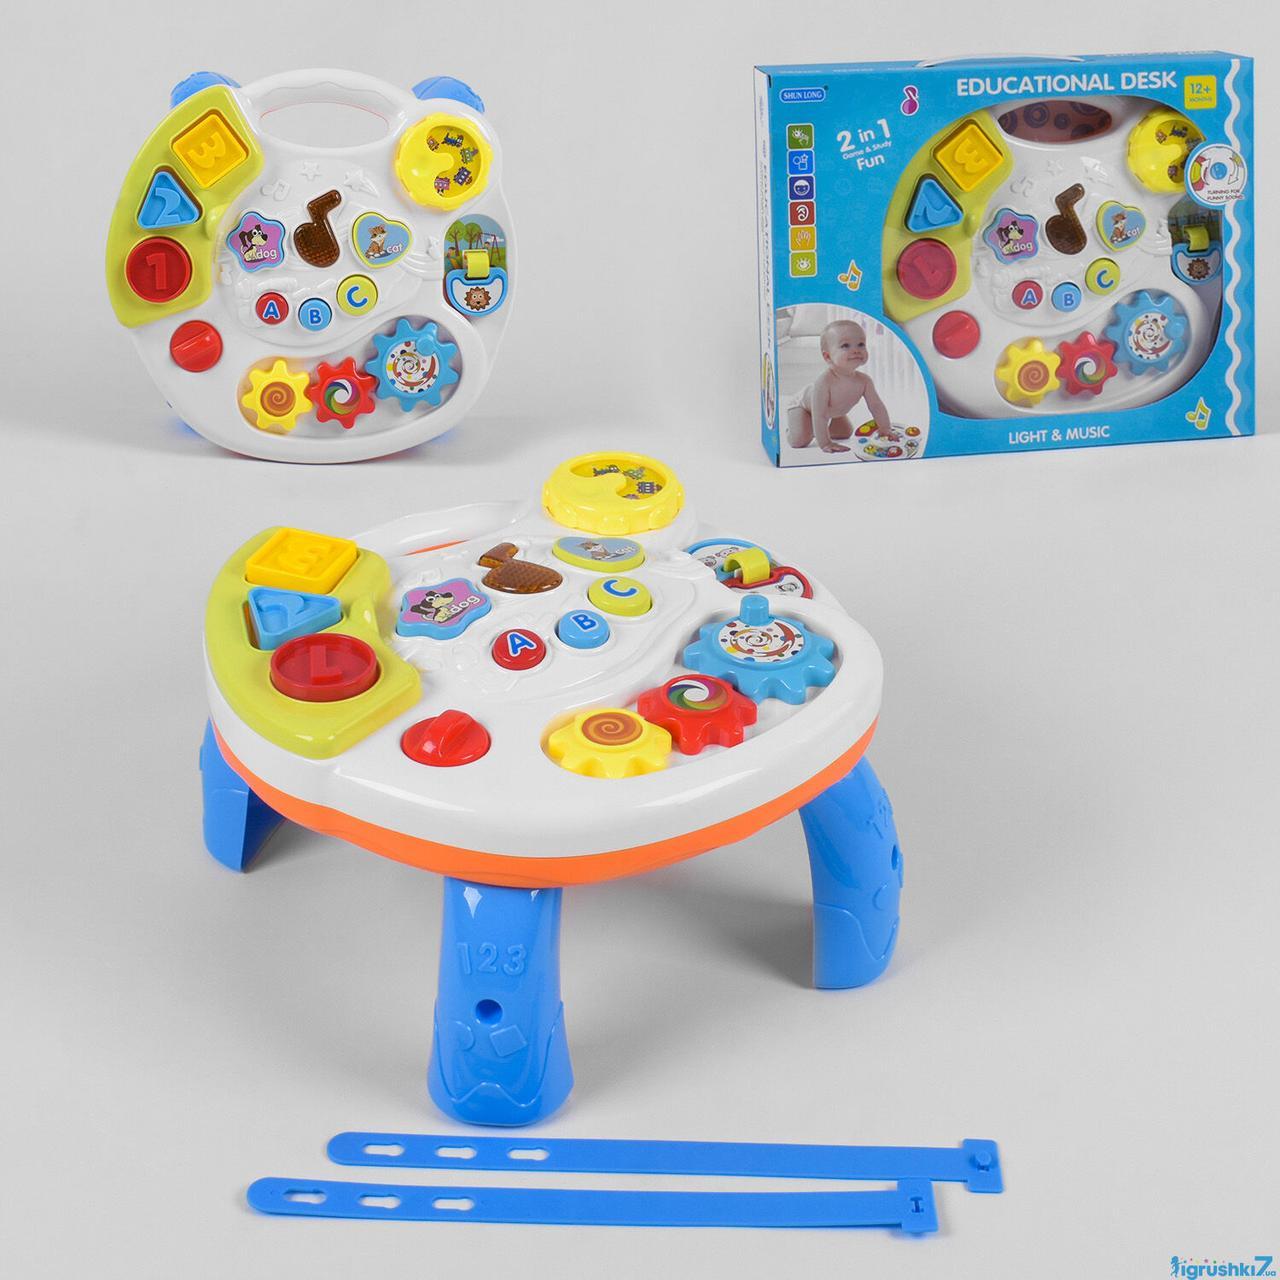 Игровой центр 3901 2в1 столик и подвеска, свет, звук